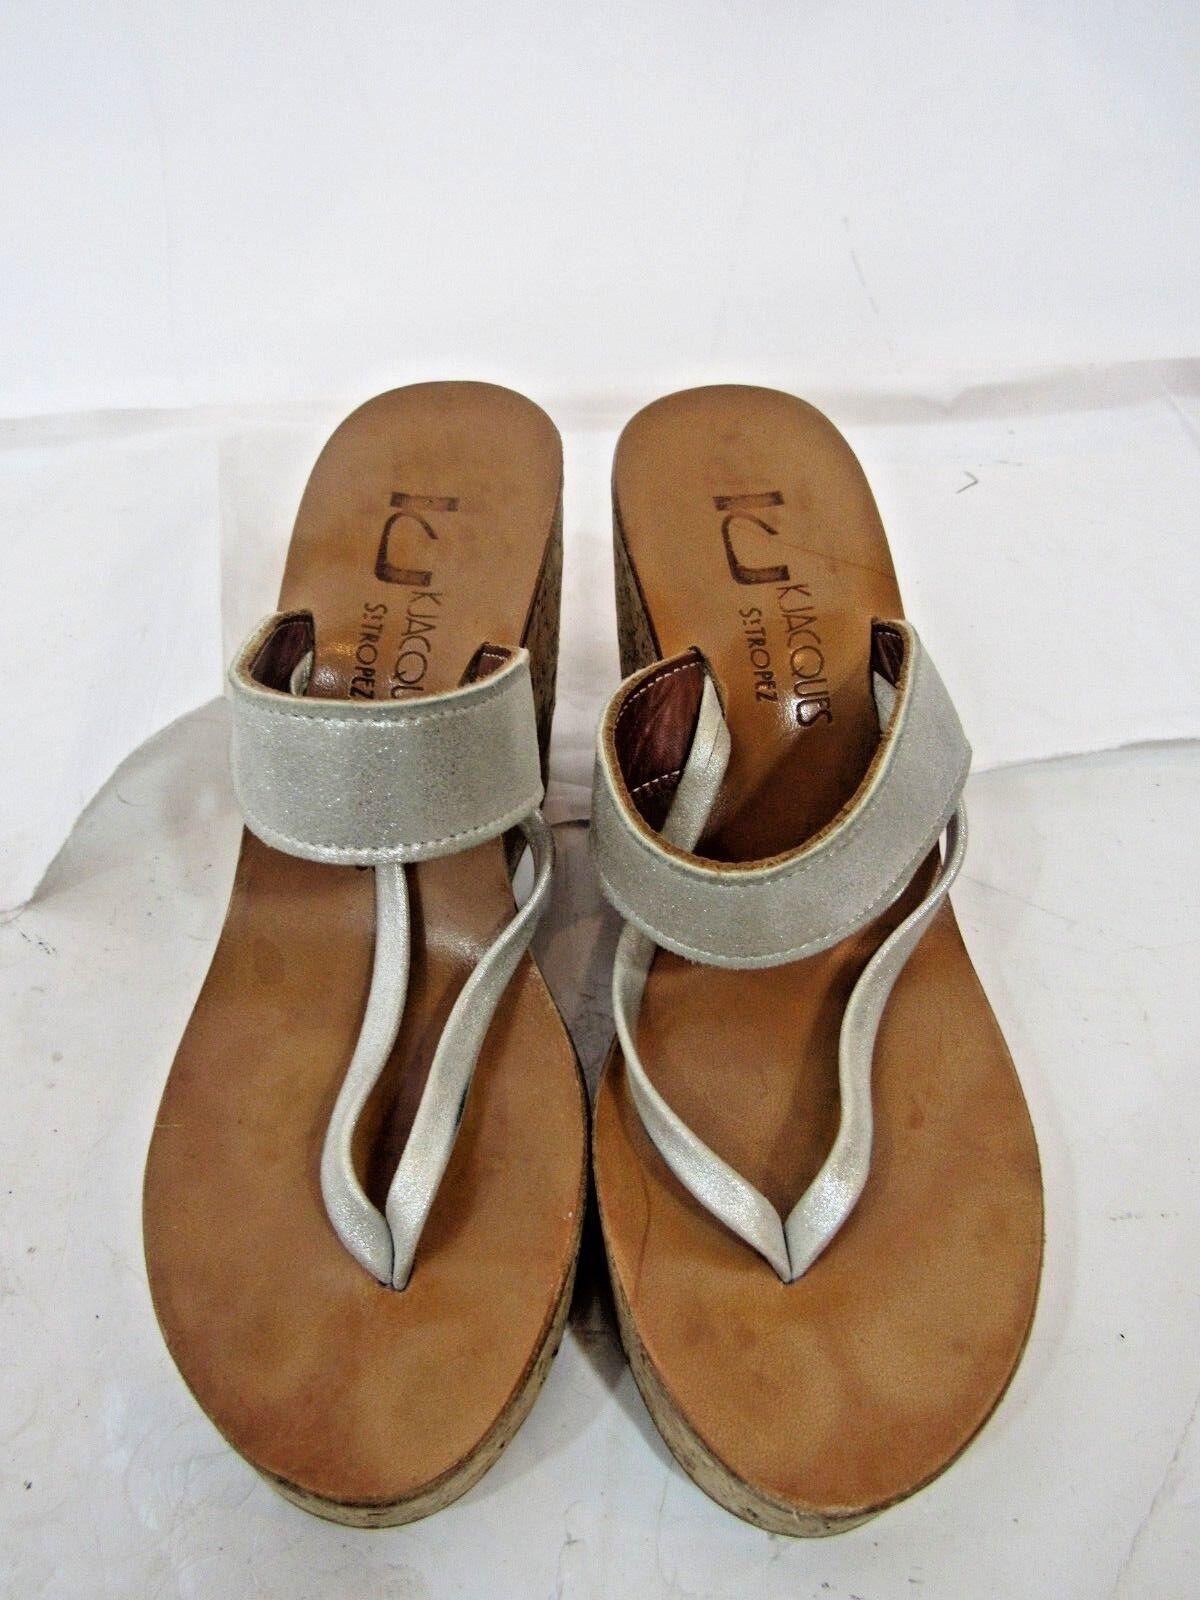 K. Jacques St. Tropez Sz 8 Cork Wedge shoes